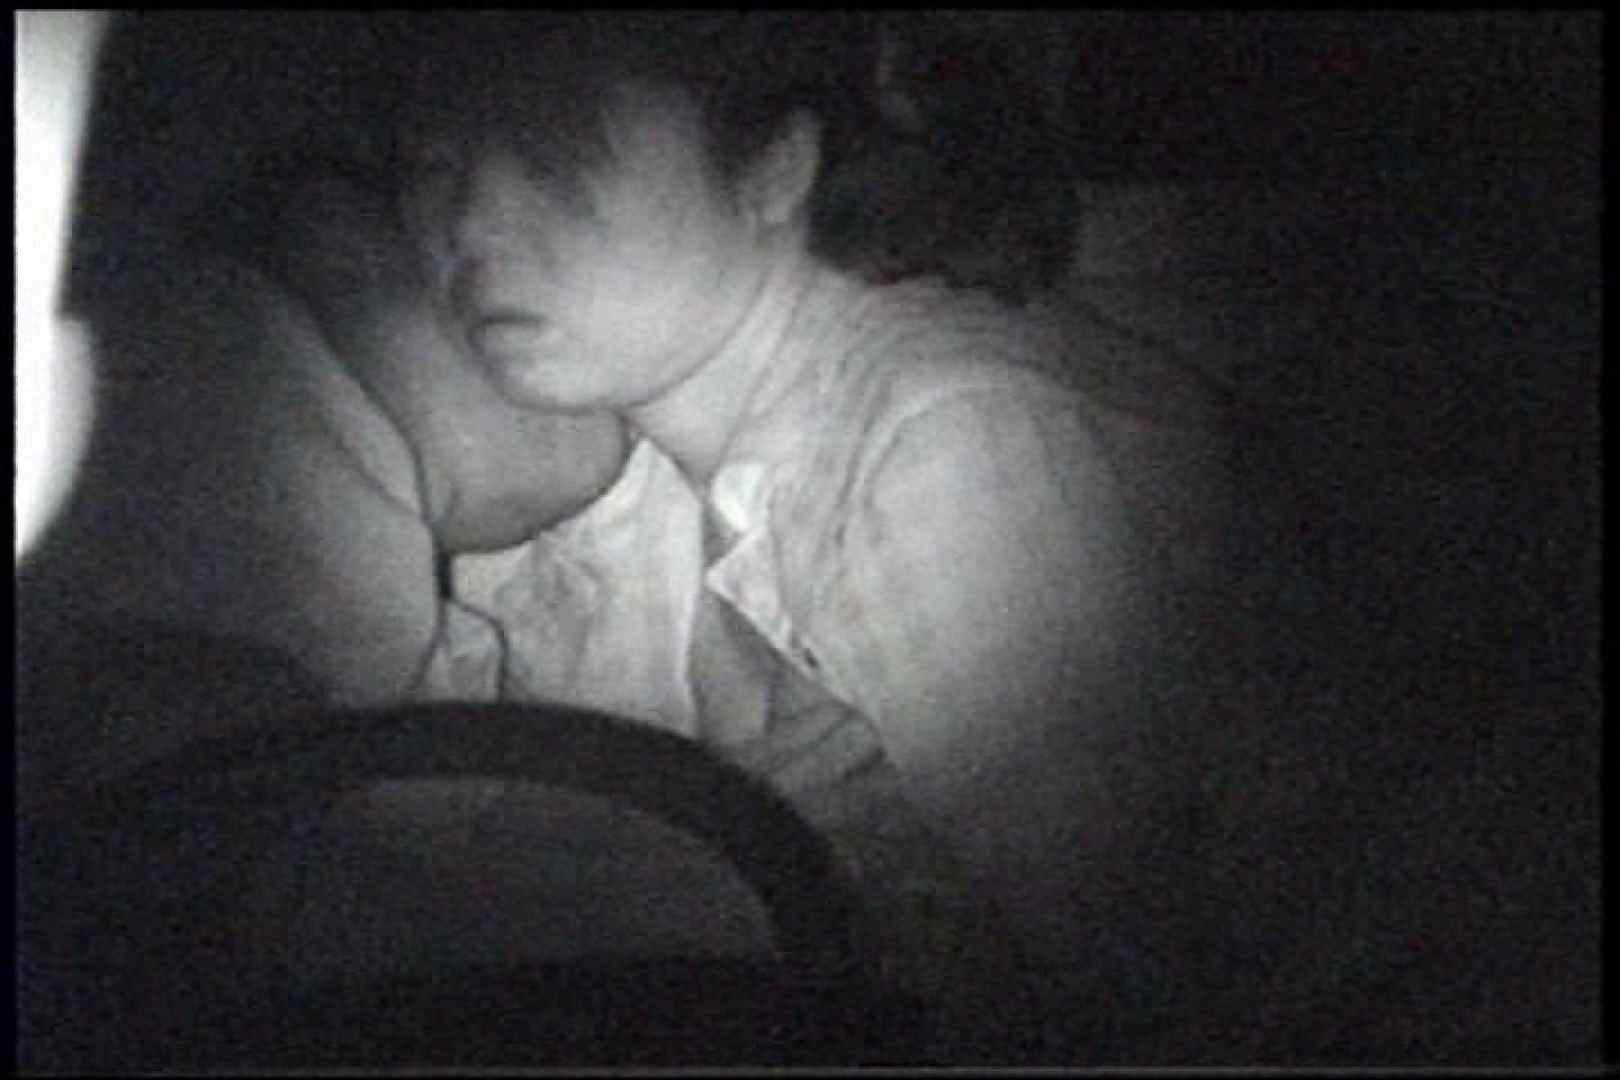 充血監督の深夜の運動会Vol.238 プライベート | エロティックなOL  92画像 10